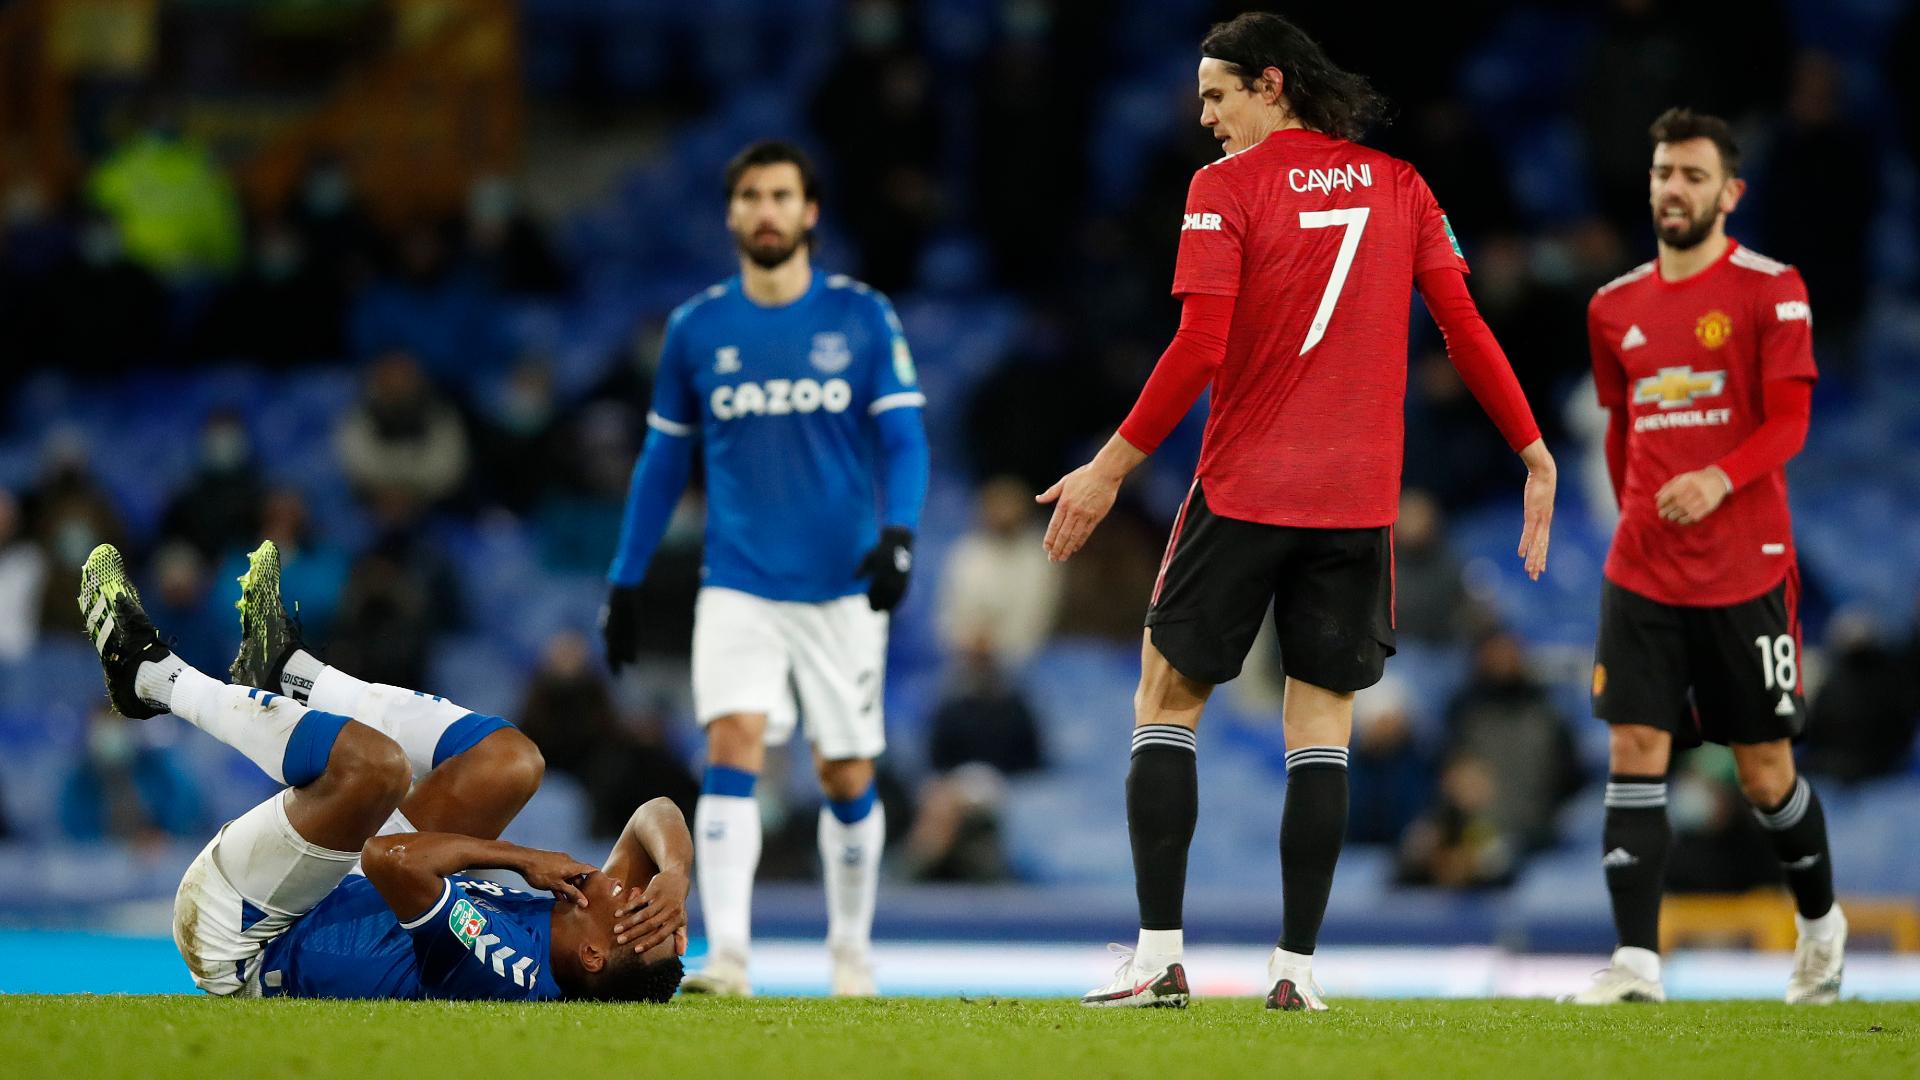 Man Utd boss Solskjaer plays down Cavani clash with Mina